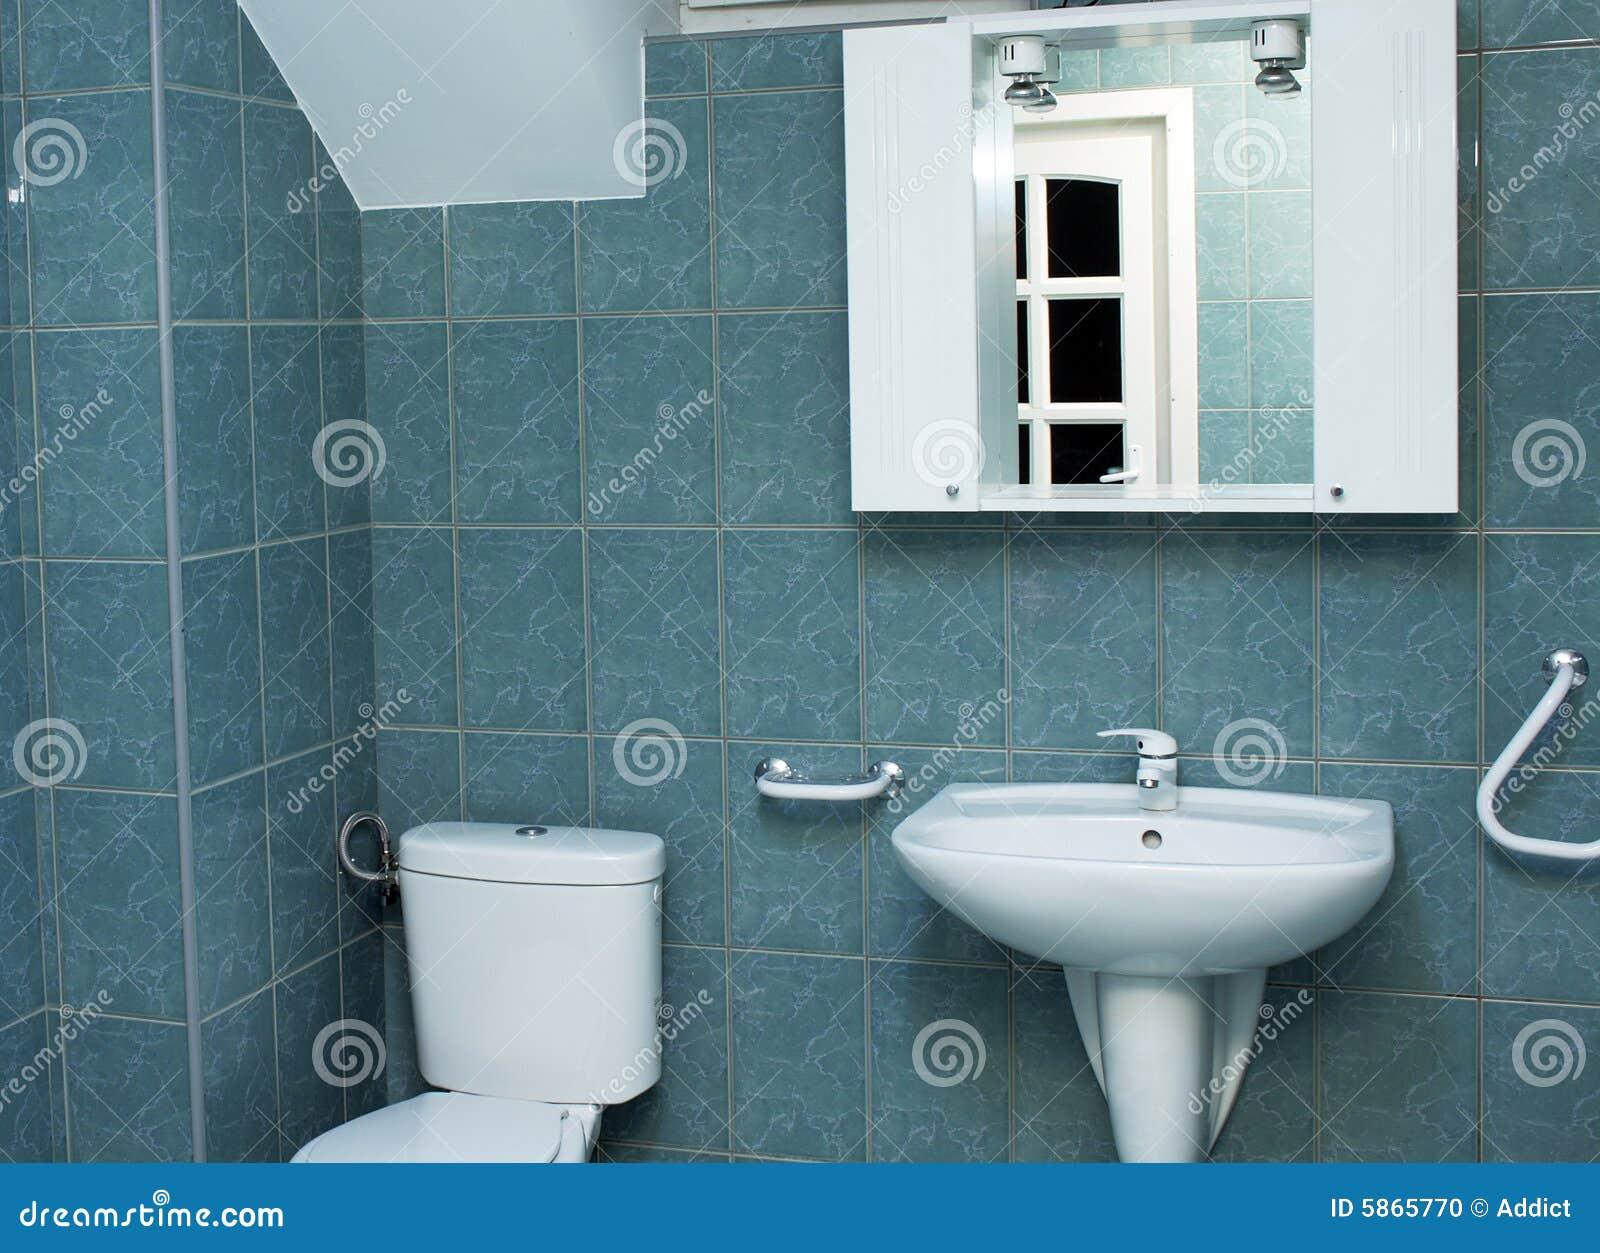 Moderne badkamers met groene tegels stock foto afbeelding 5865770 - Badkamers ...